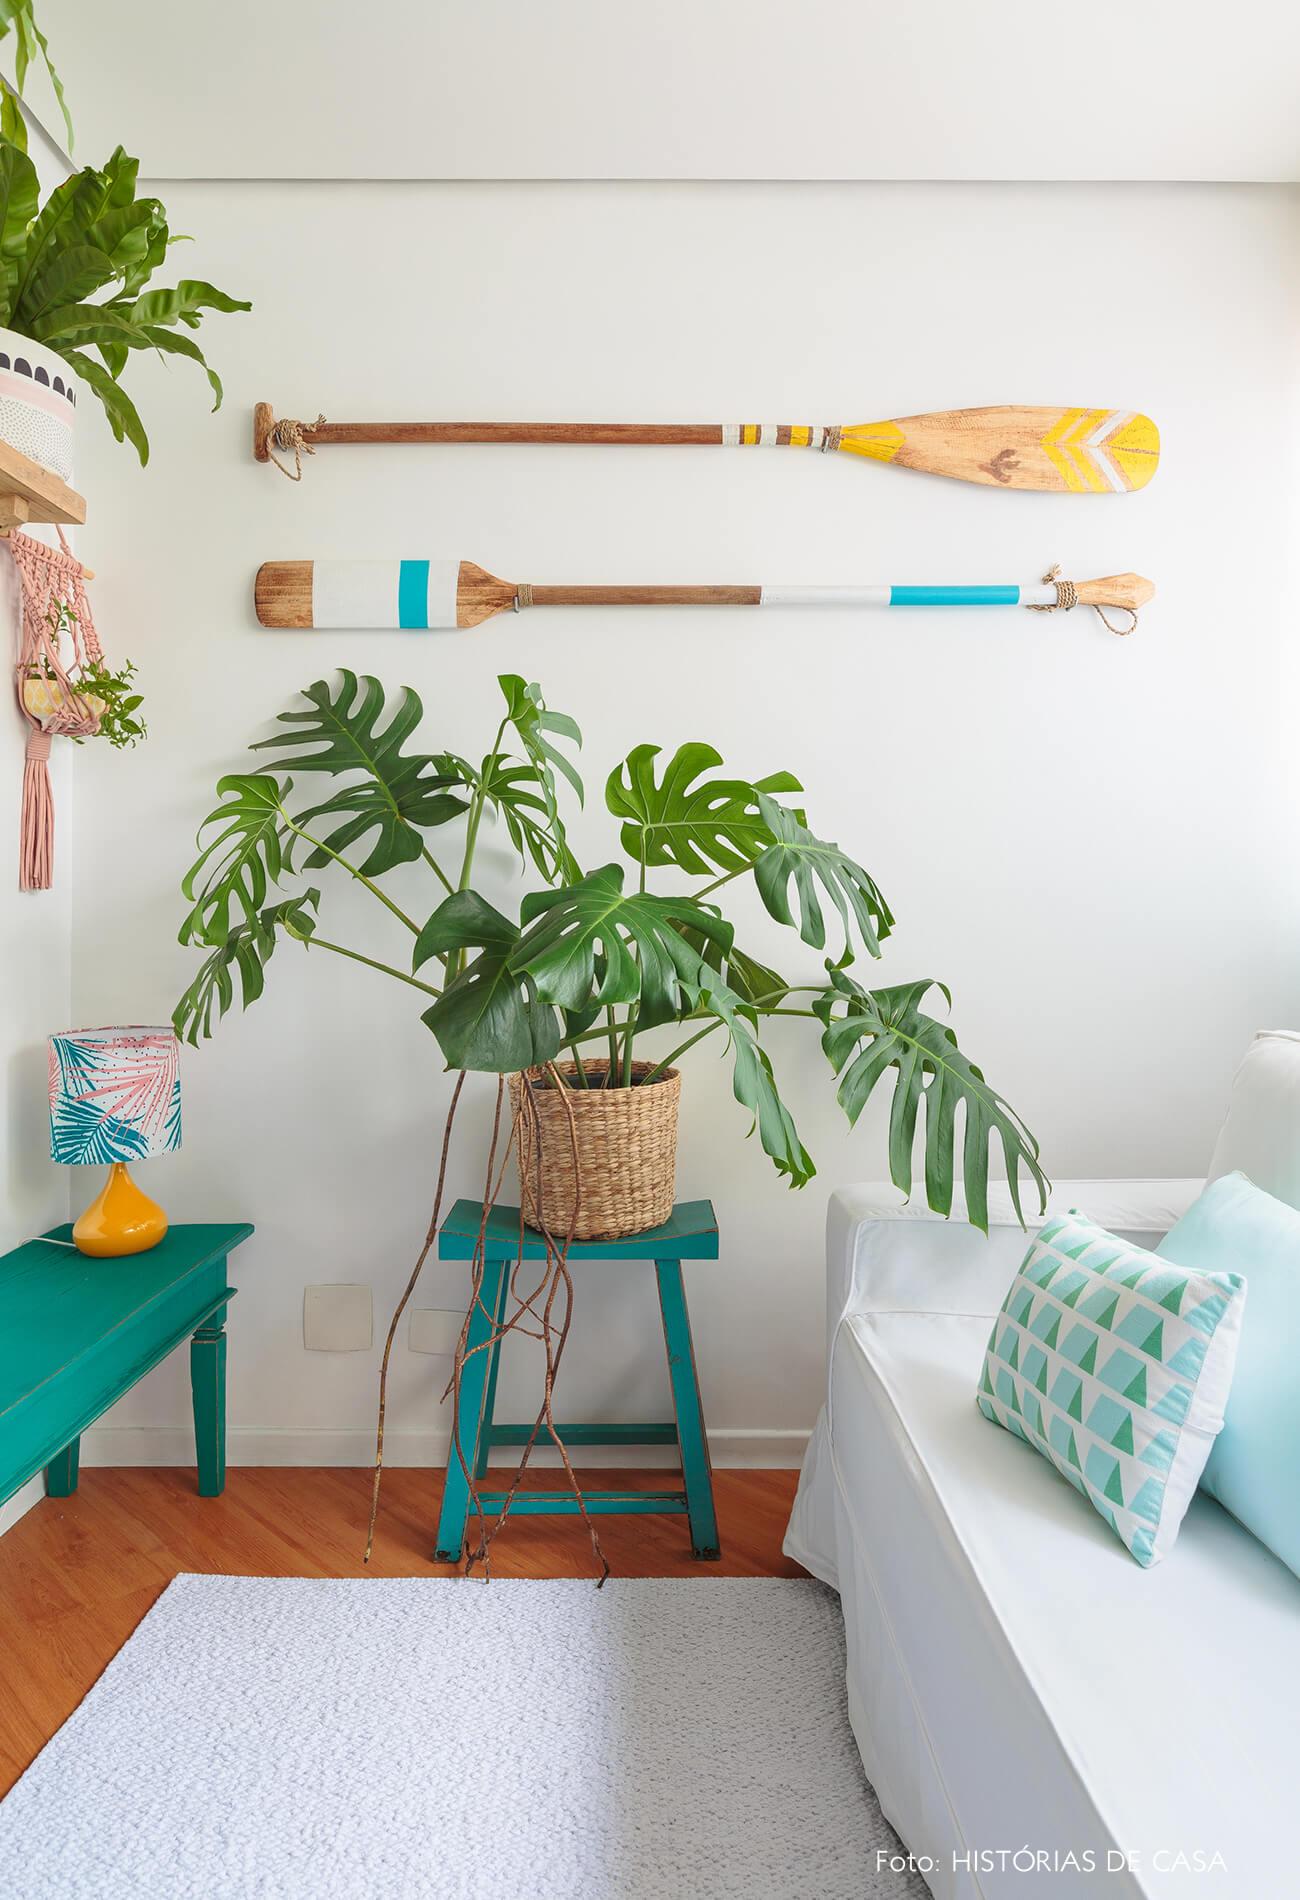 decoração praiana sala com plantas, cestos, e moveis azuis